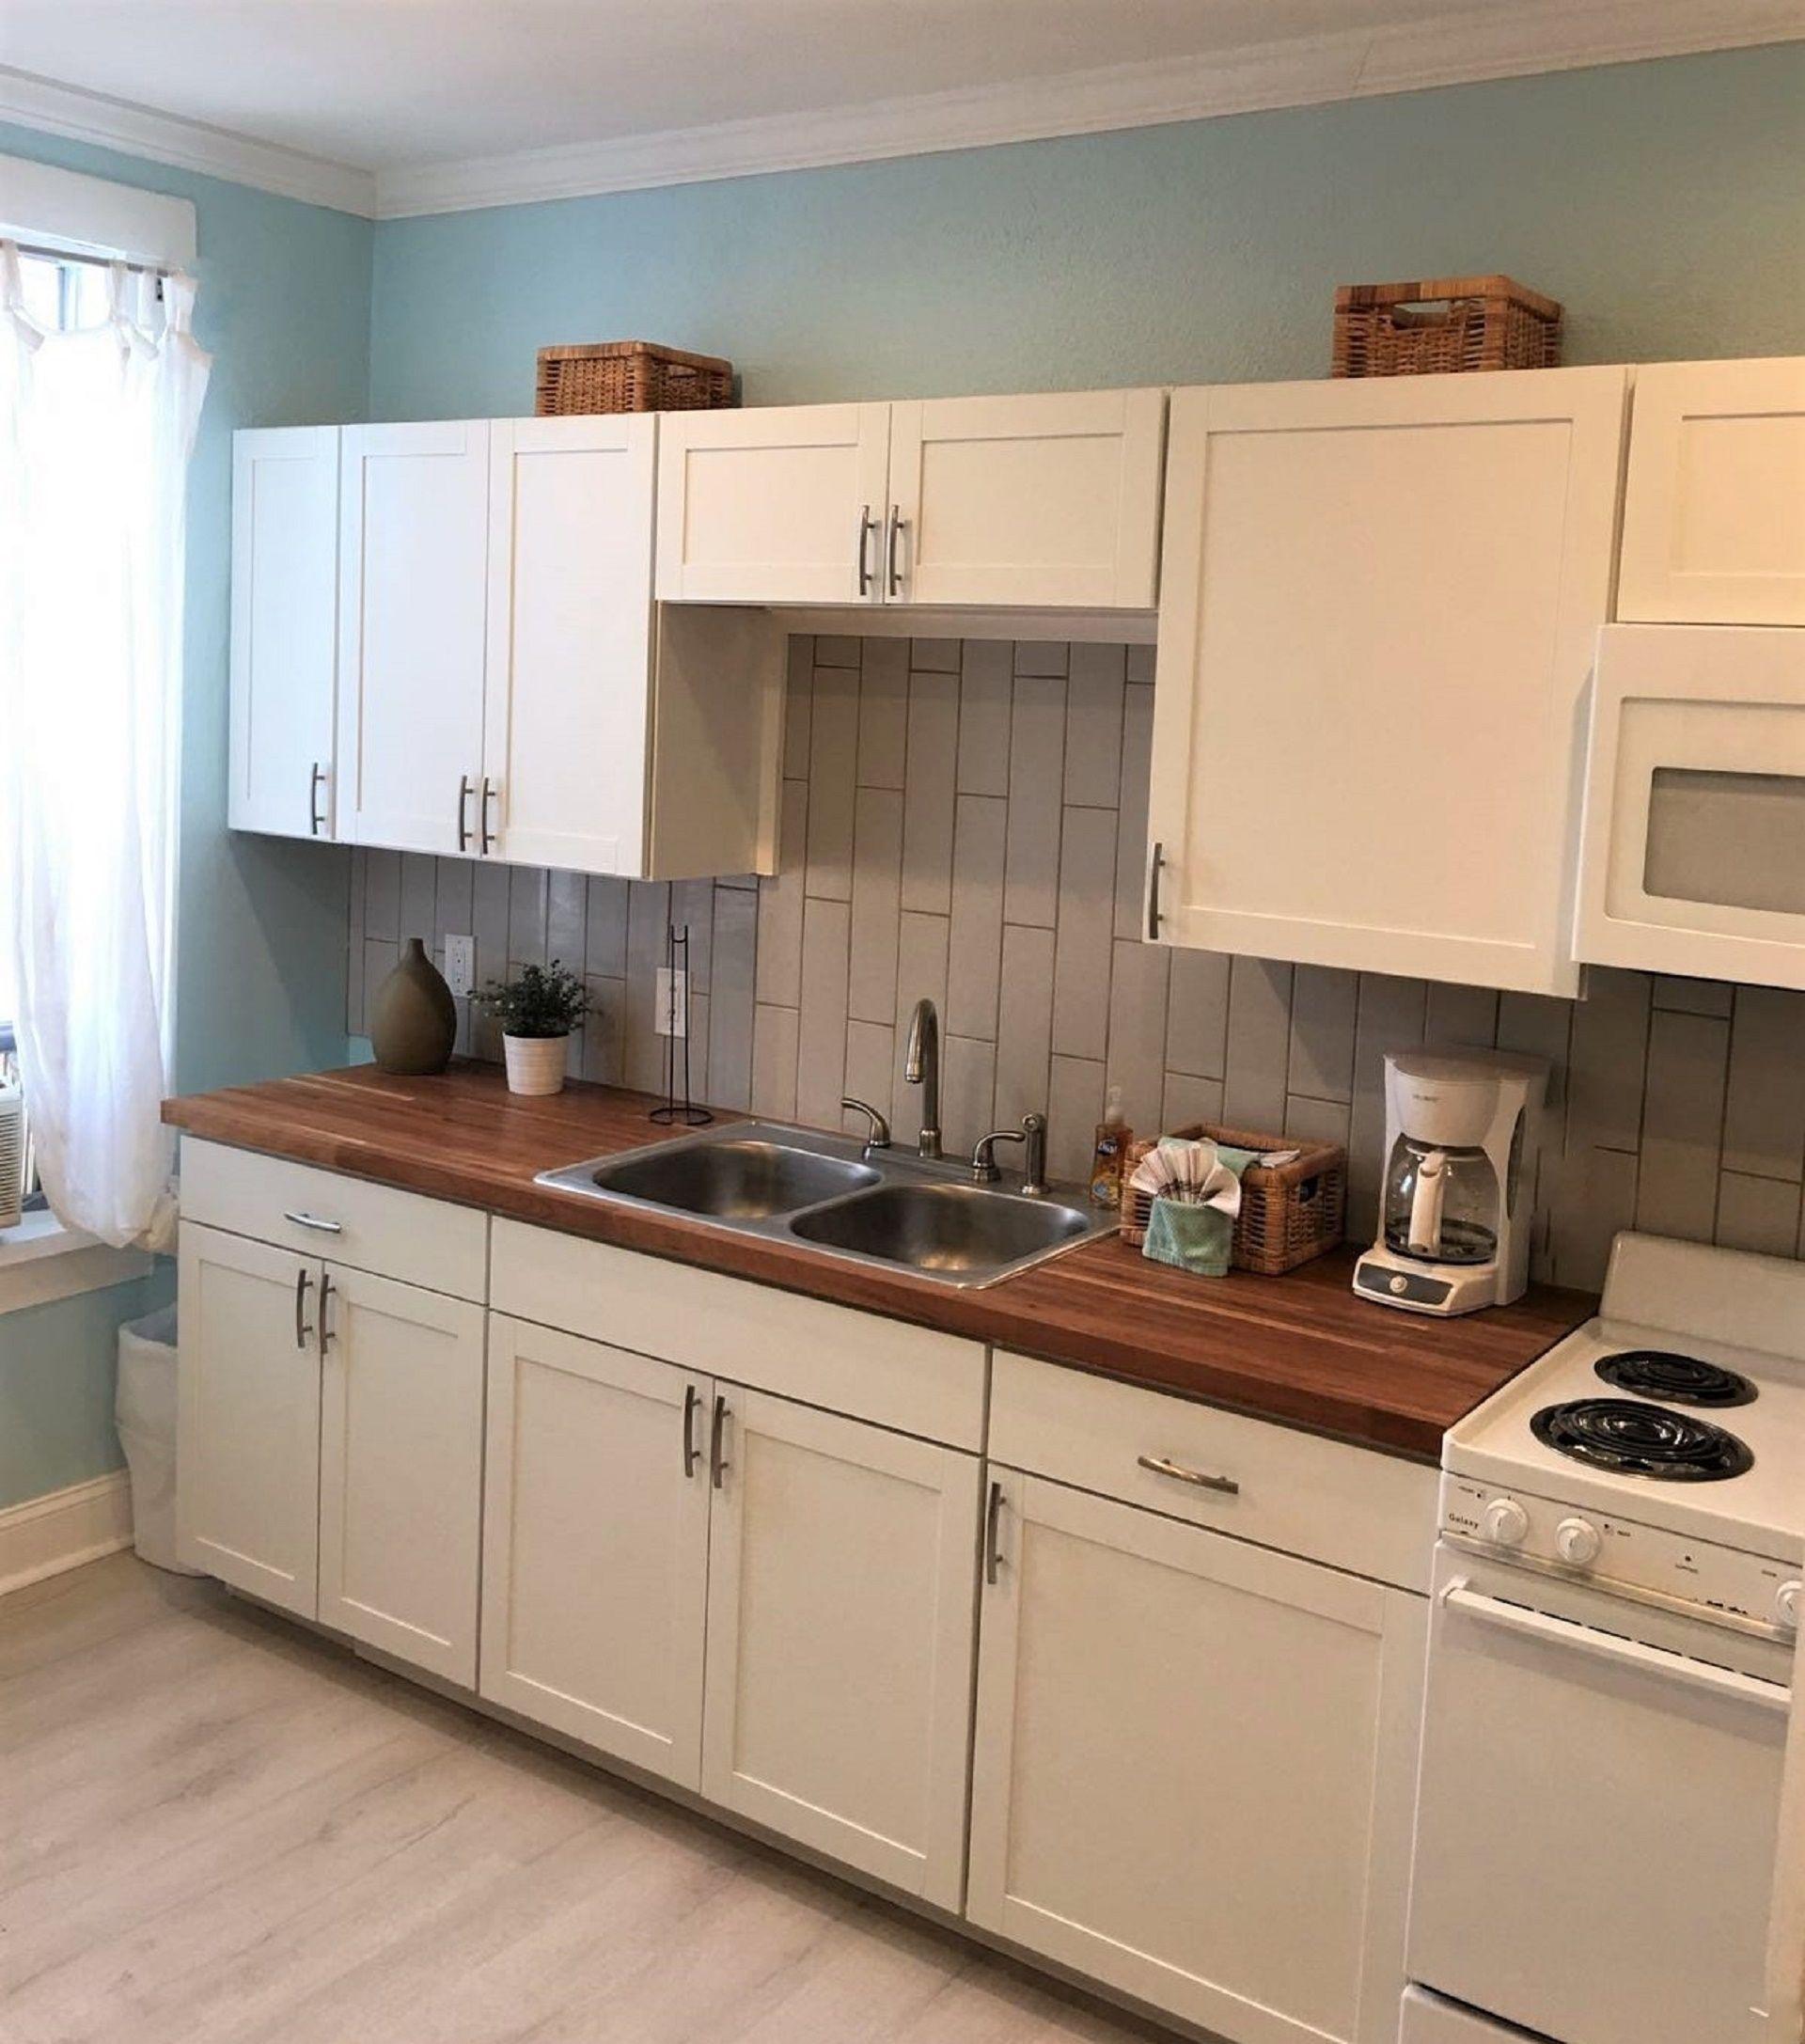 Fein Florida Küche Design Ideen Zeitgenössisch - Ideen Für Die Küche ...